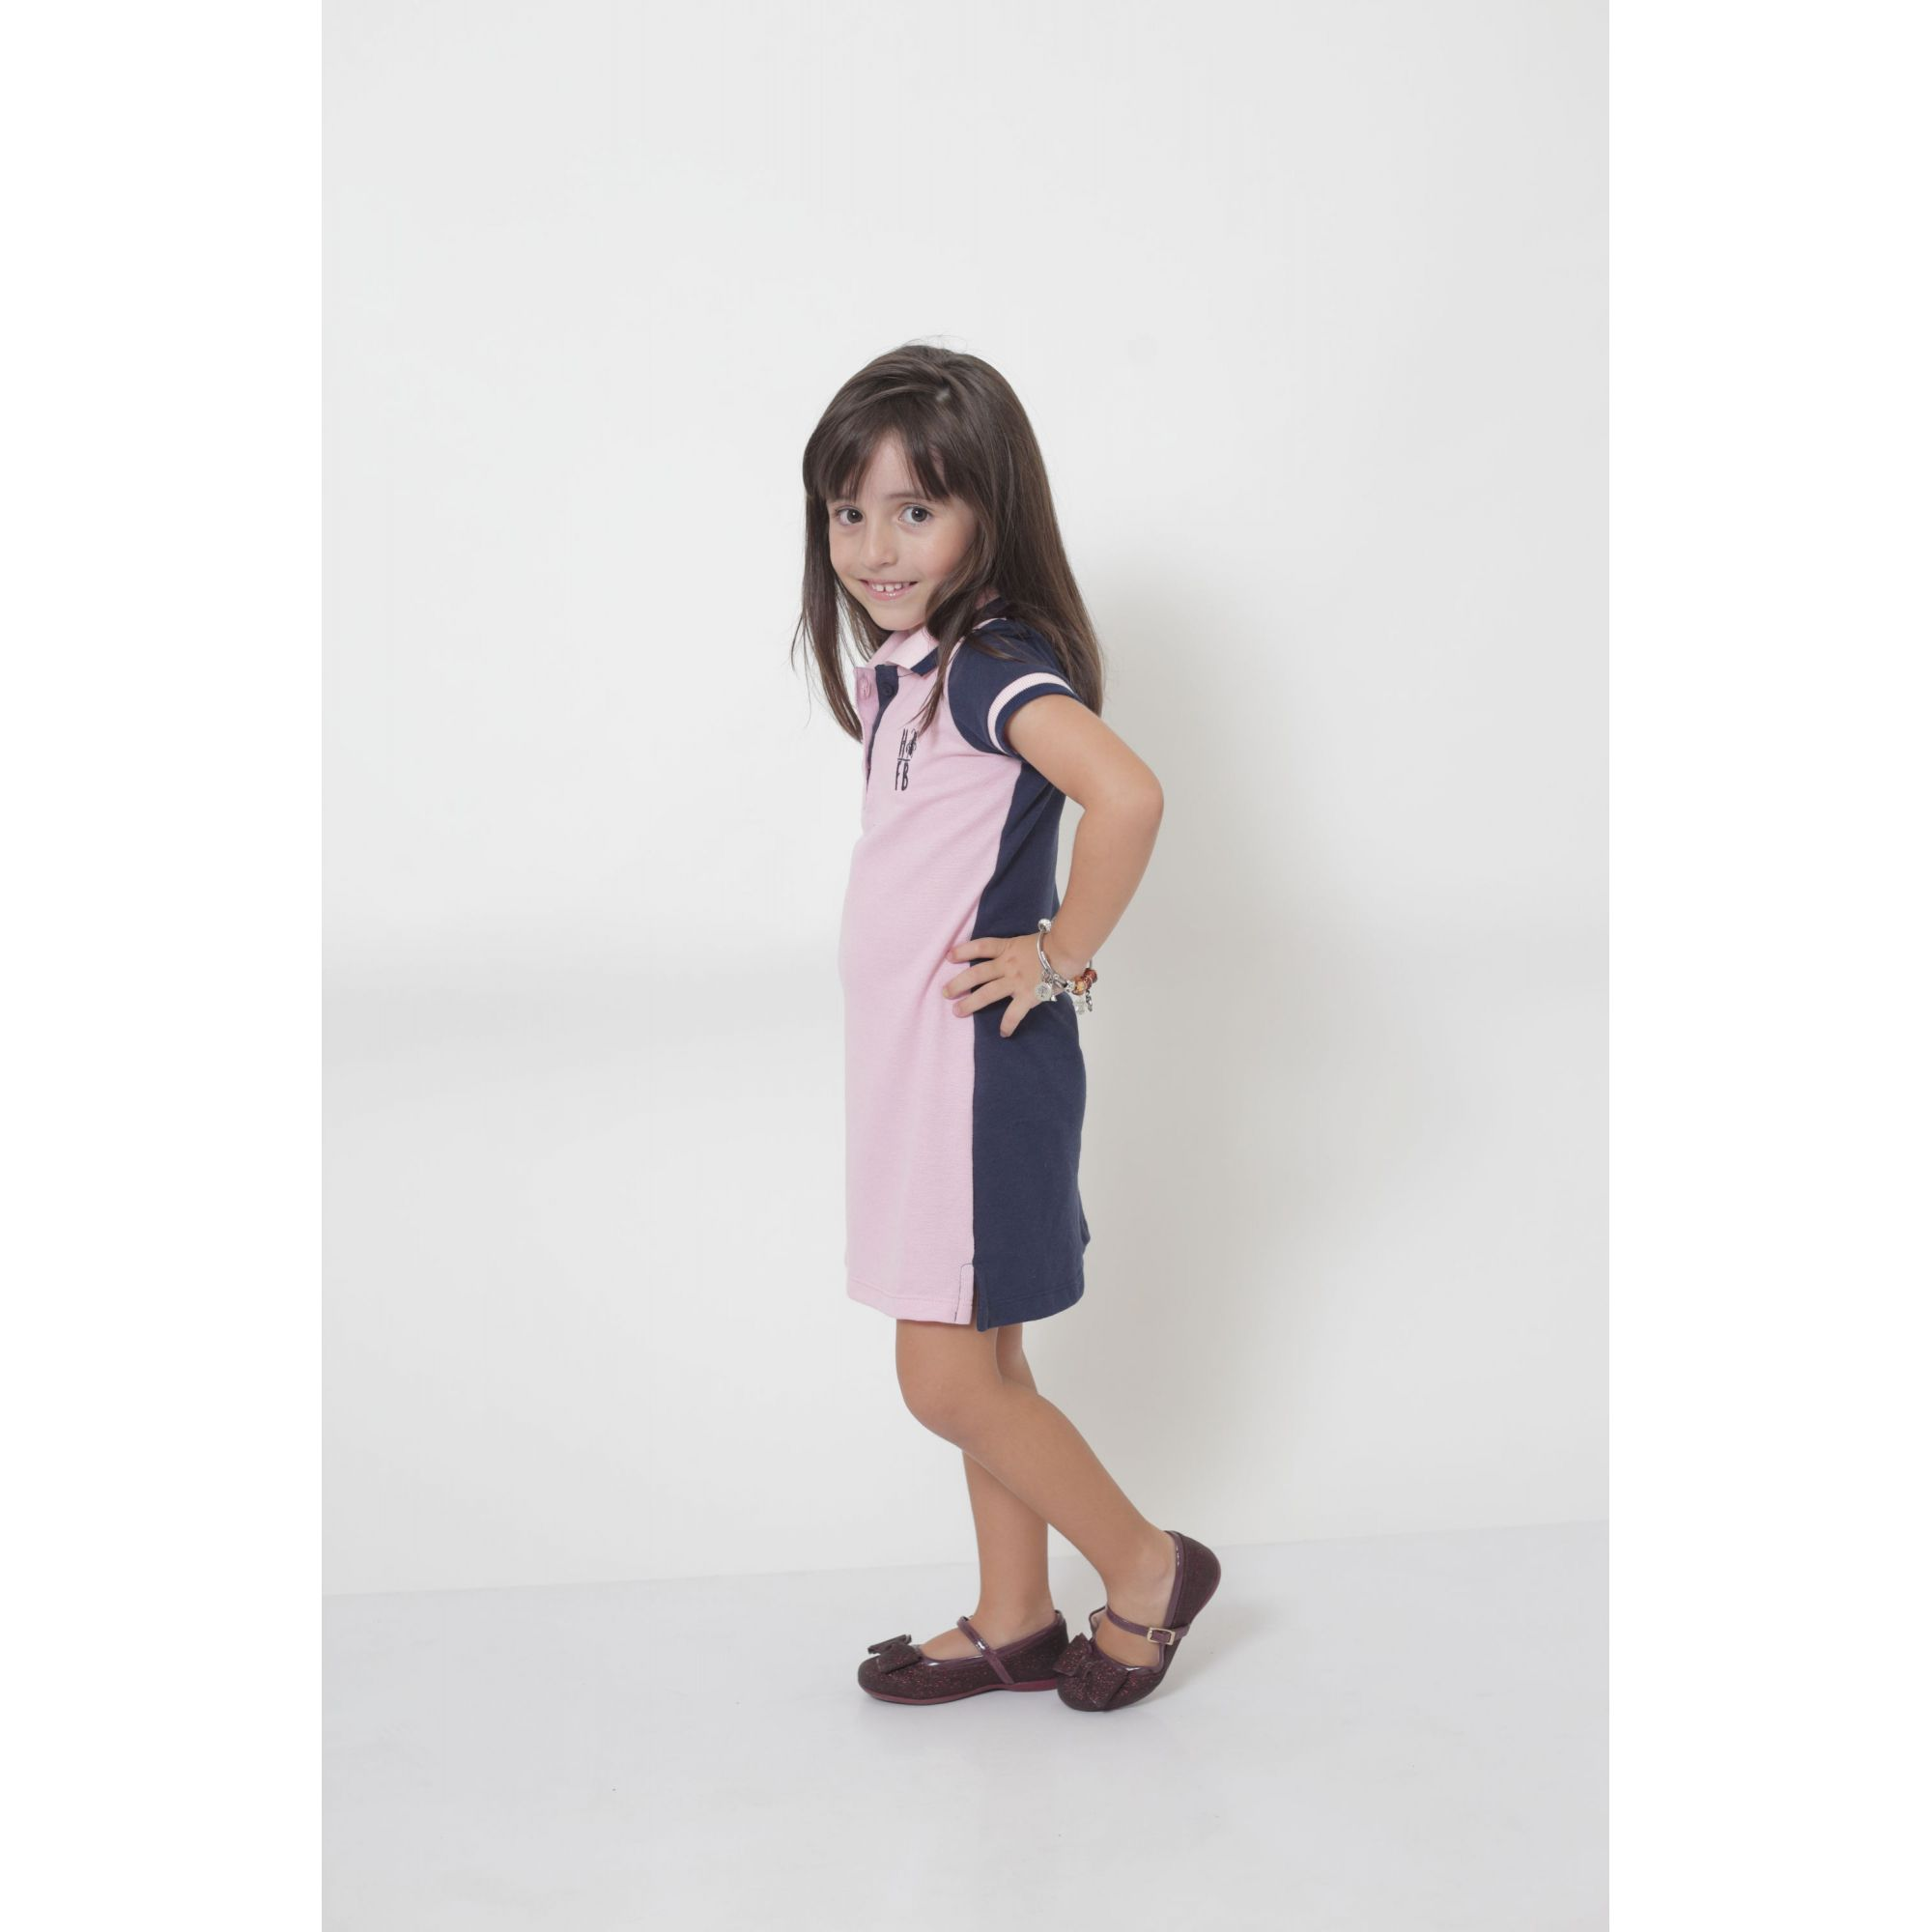 Vestido Polo Infantil Dual Cor Rosa e Marinho  - Heitor Fashion Brazil